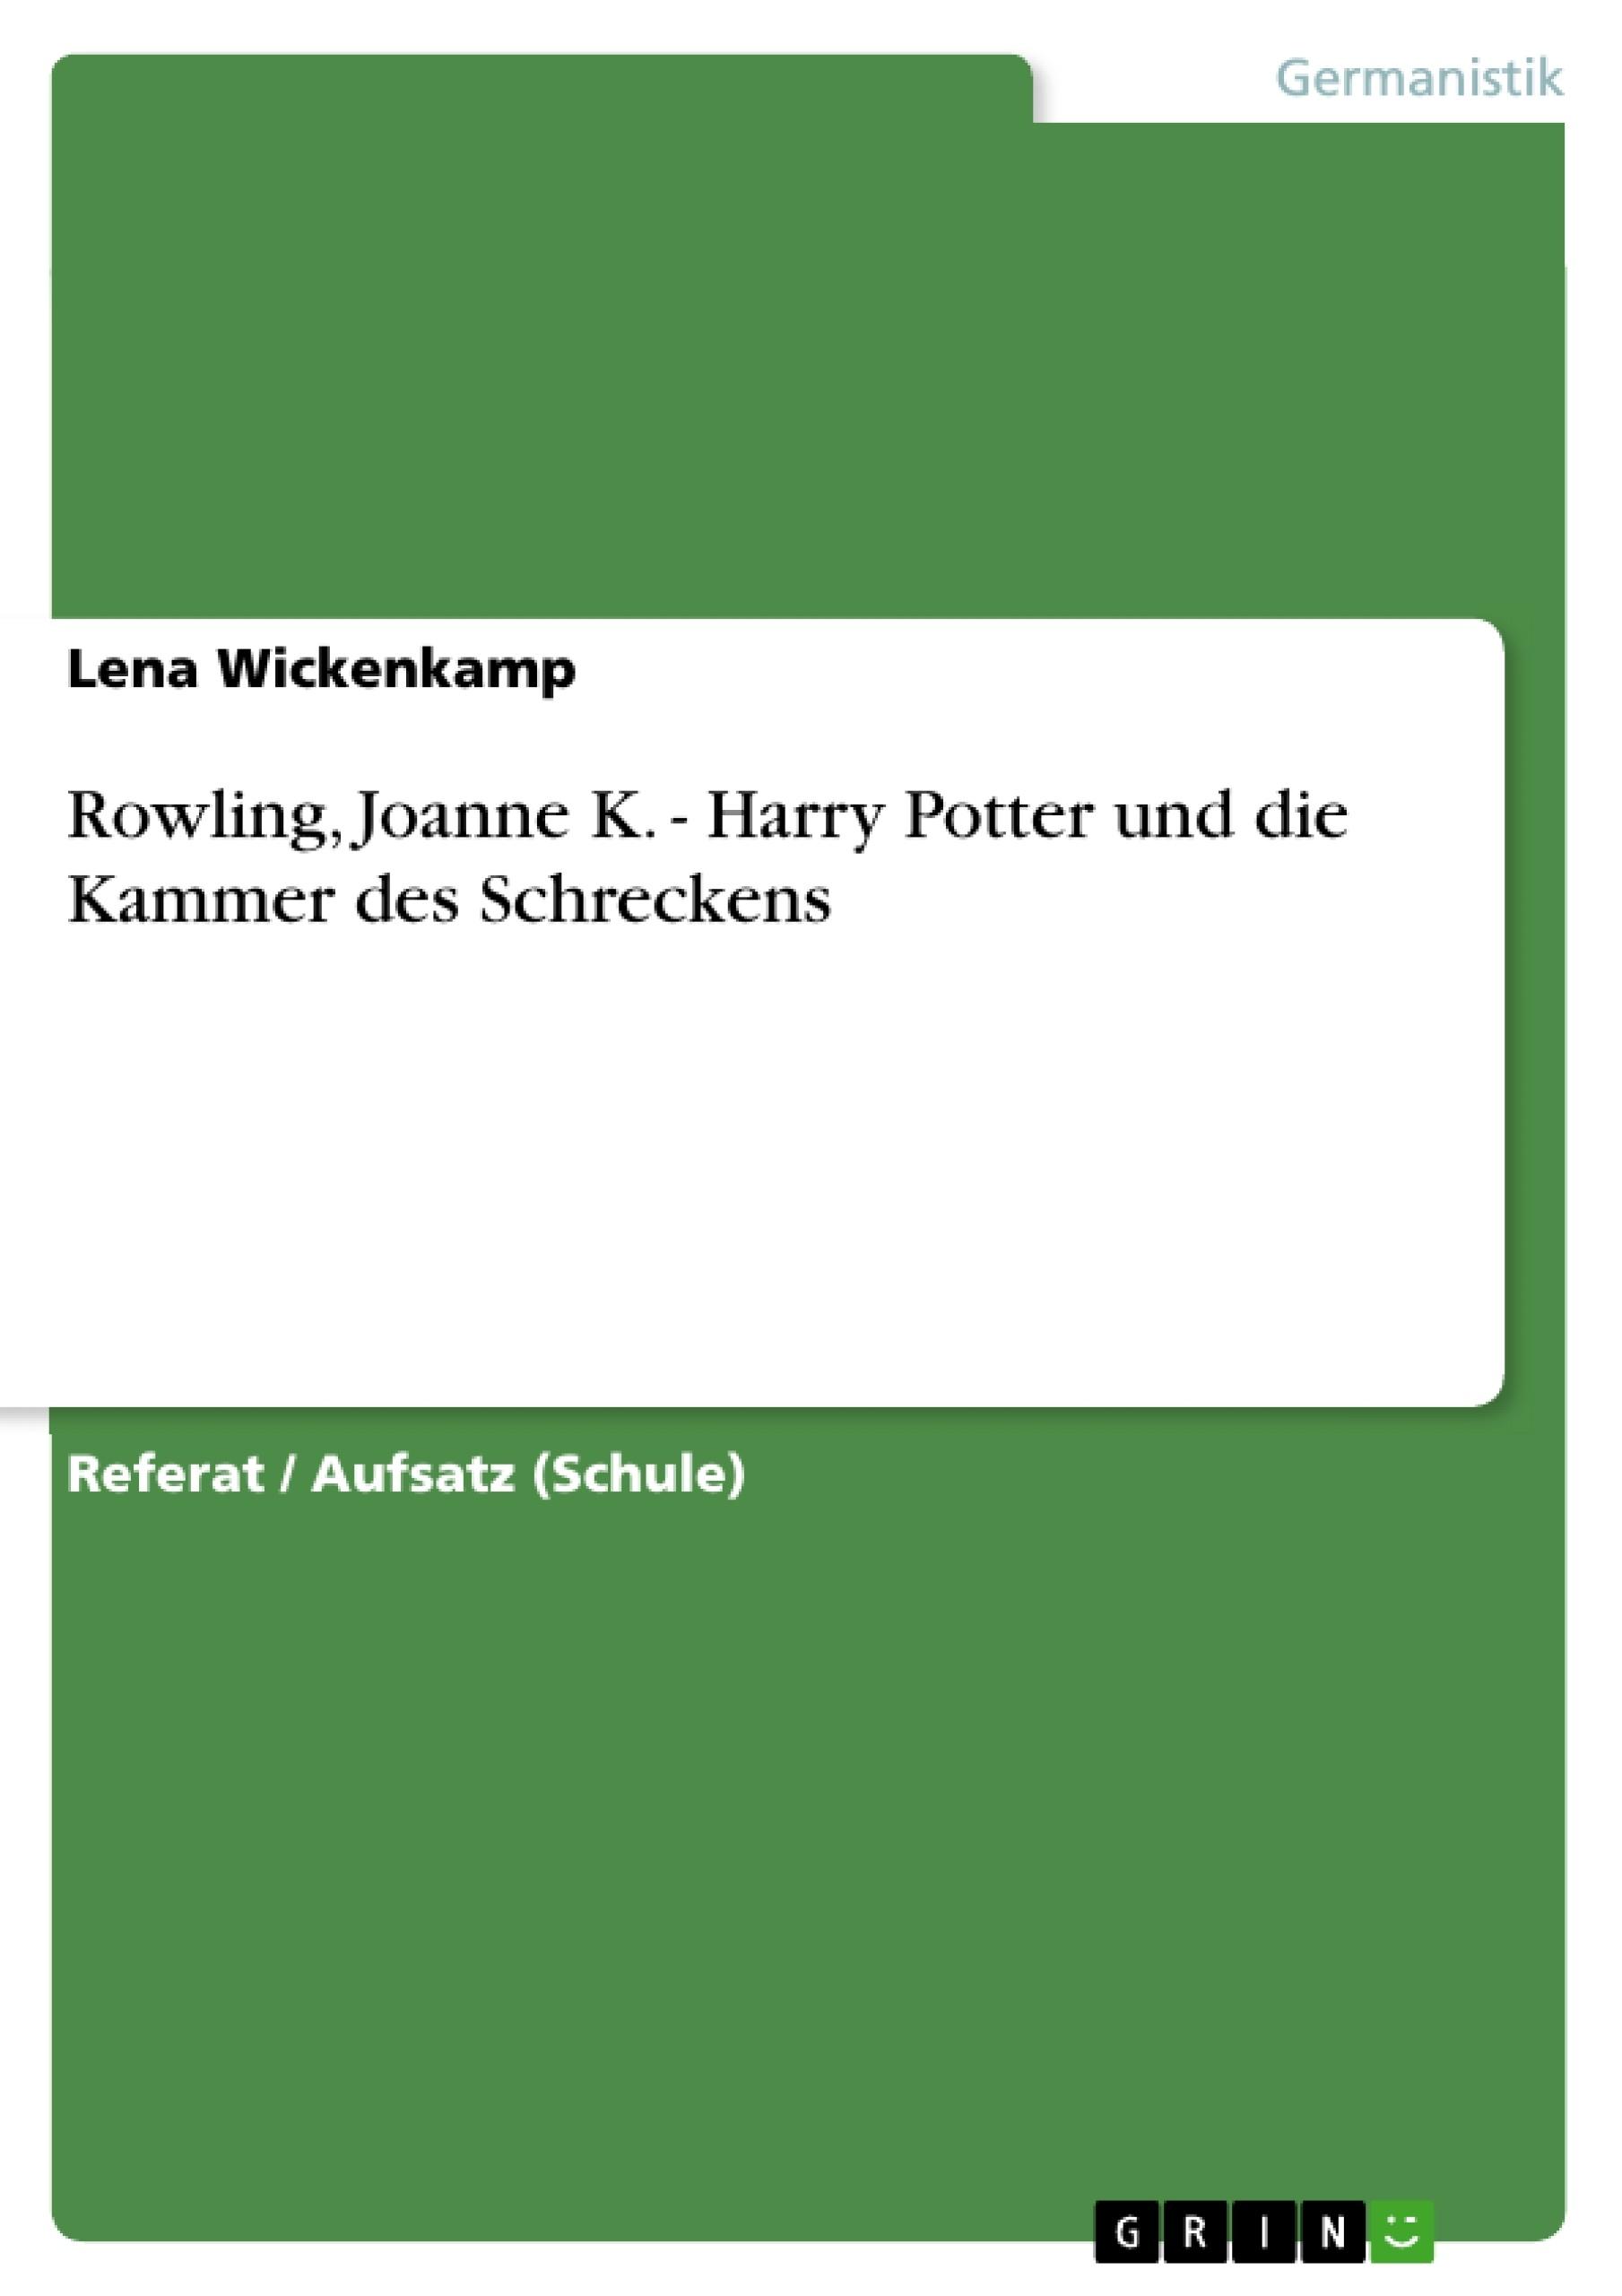 Titel: Rowling, Joanne K. - Harry Potter und die Kammer des Schreckens